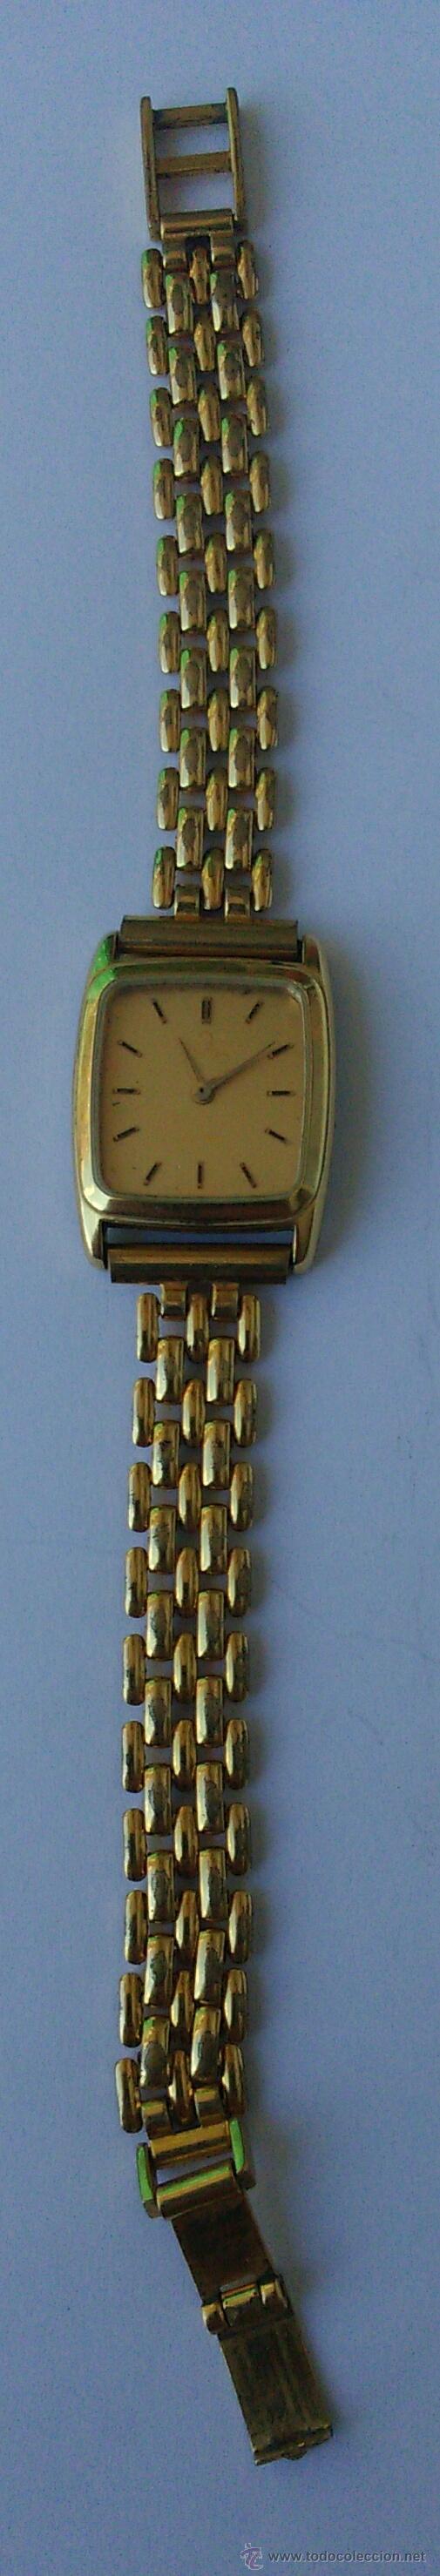 Relojes - Omega: OMEGA DE VILLE ORIGINAL - RELOJ PULSERA VINTAGE DE MUJER - BAÑO DE ORO - REPARAR O PARA PIEZAS - Foto 13 - 57588364